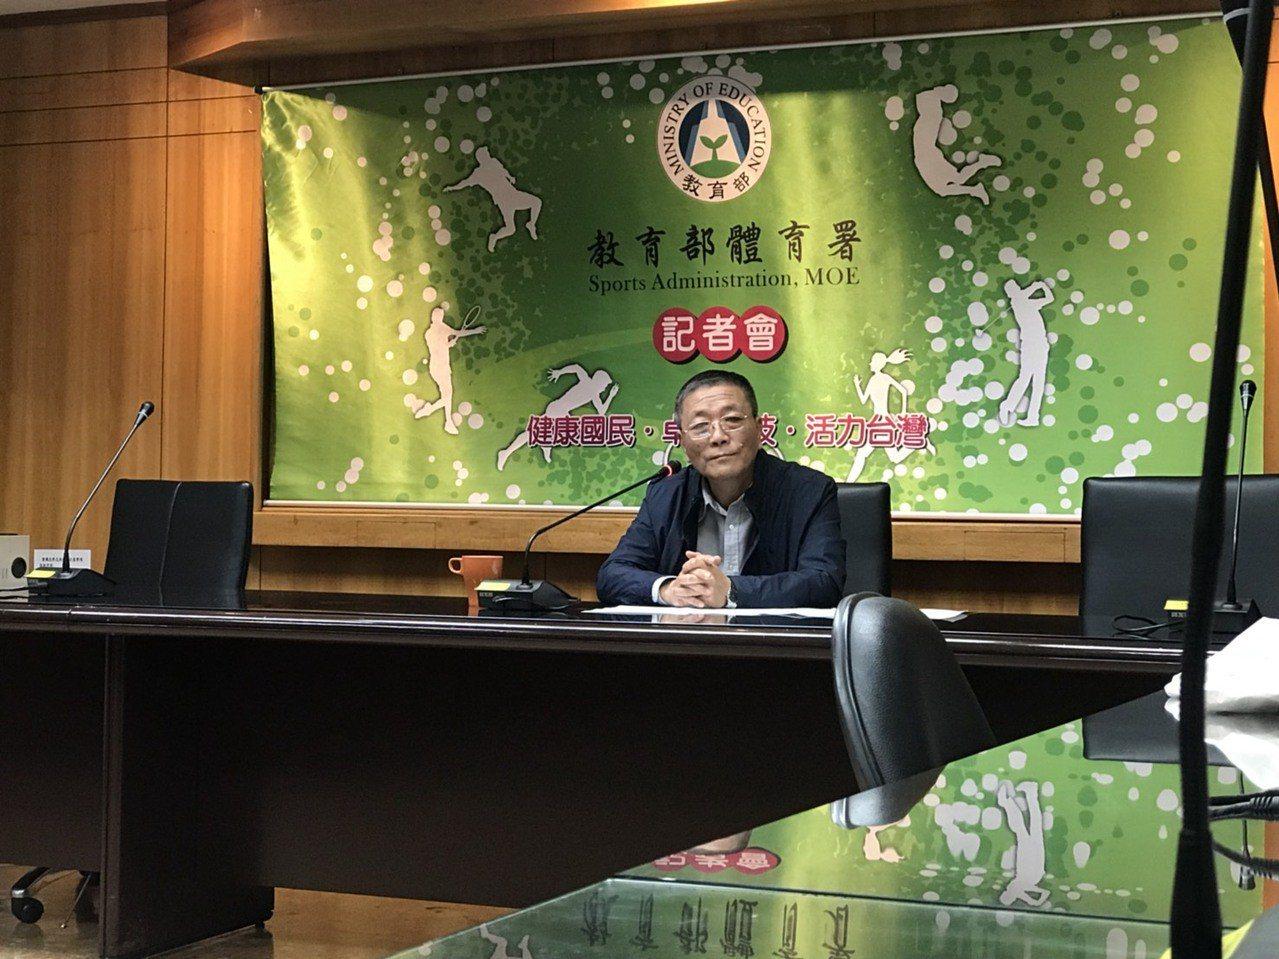 體育署已發函給桌球協會與殘障體育運動總會核予警告1次。記者劉肇育/攝影